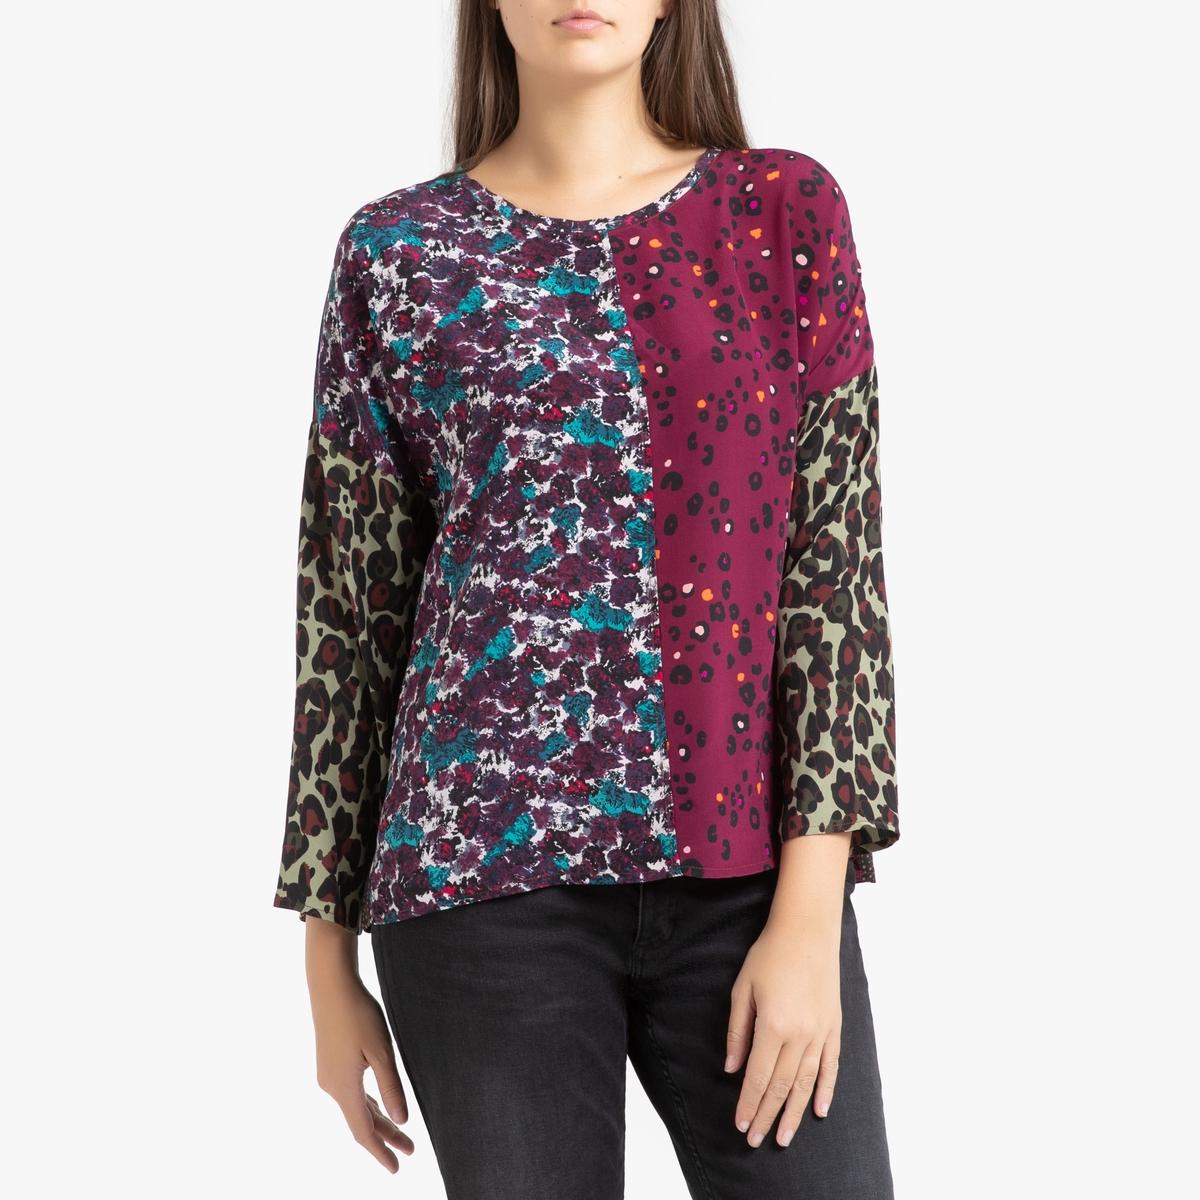 Блузка La Redoute Из шелка с длинными рукавами GERS S/M красный блузка la redoute с круглым вырезом цветочным рисунком и длинными рукавами s черный